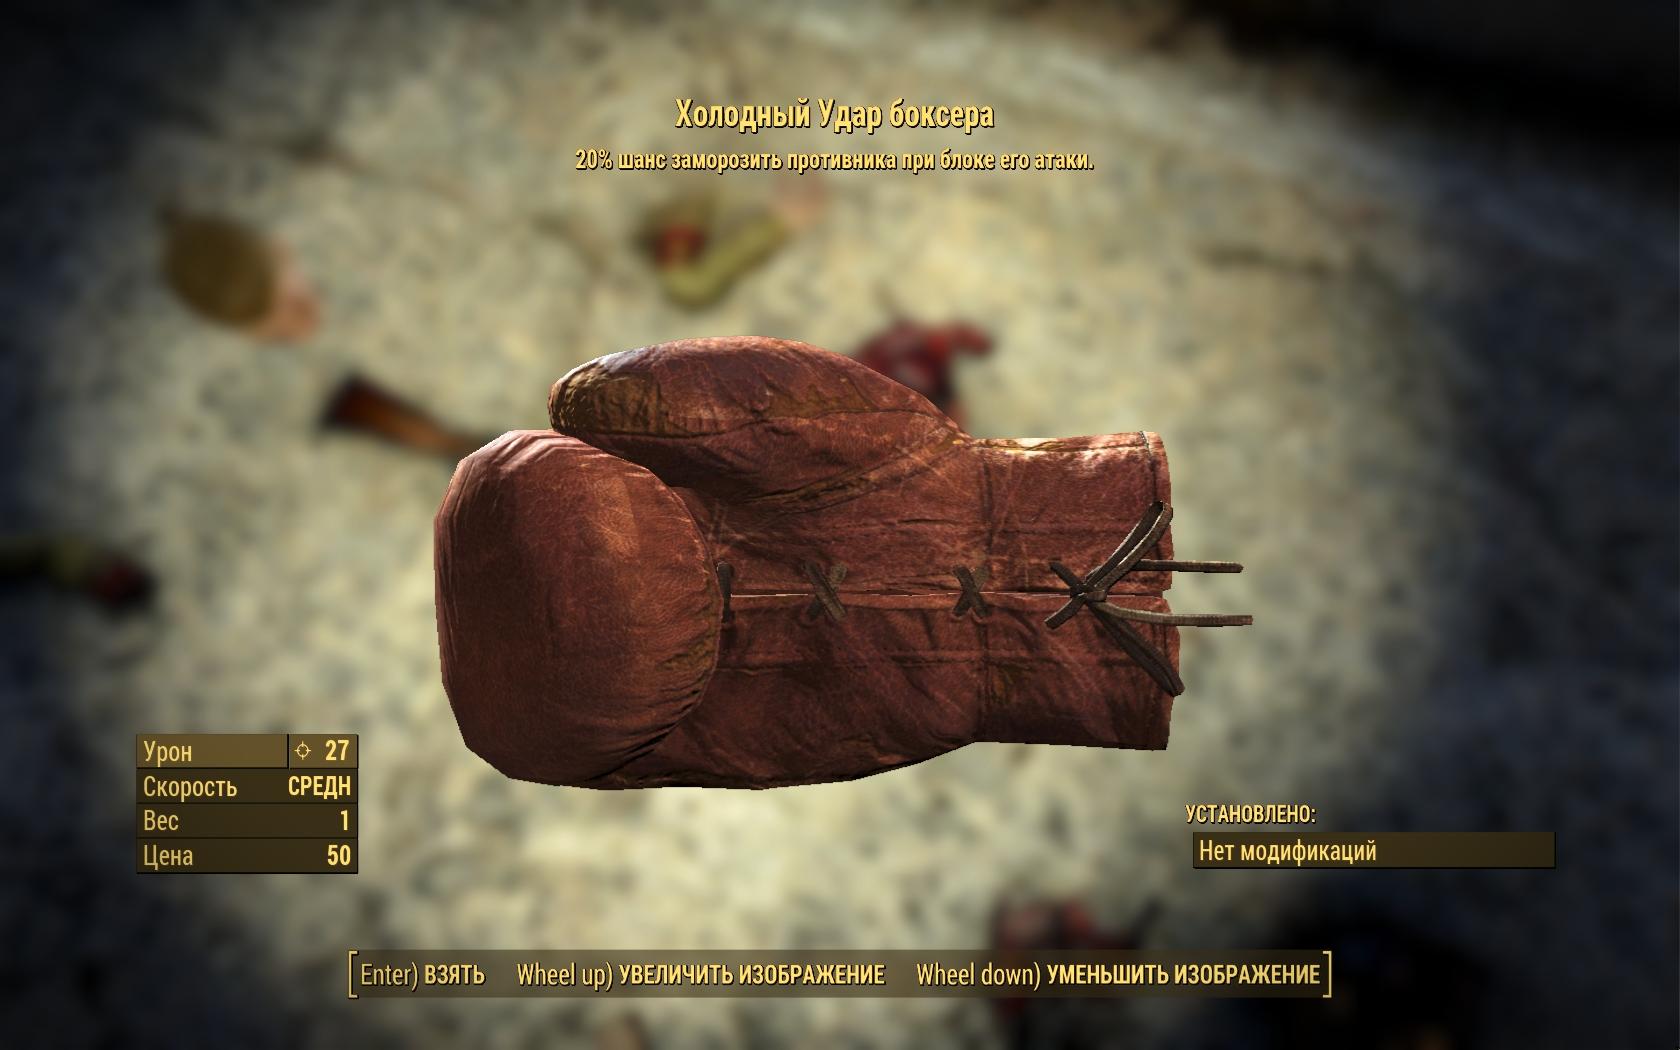 Холодный удар боксёра - Fallout 4 Оружие, удар боксёра